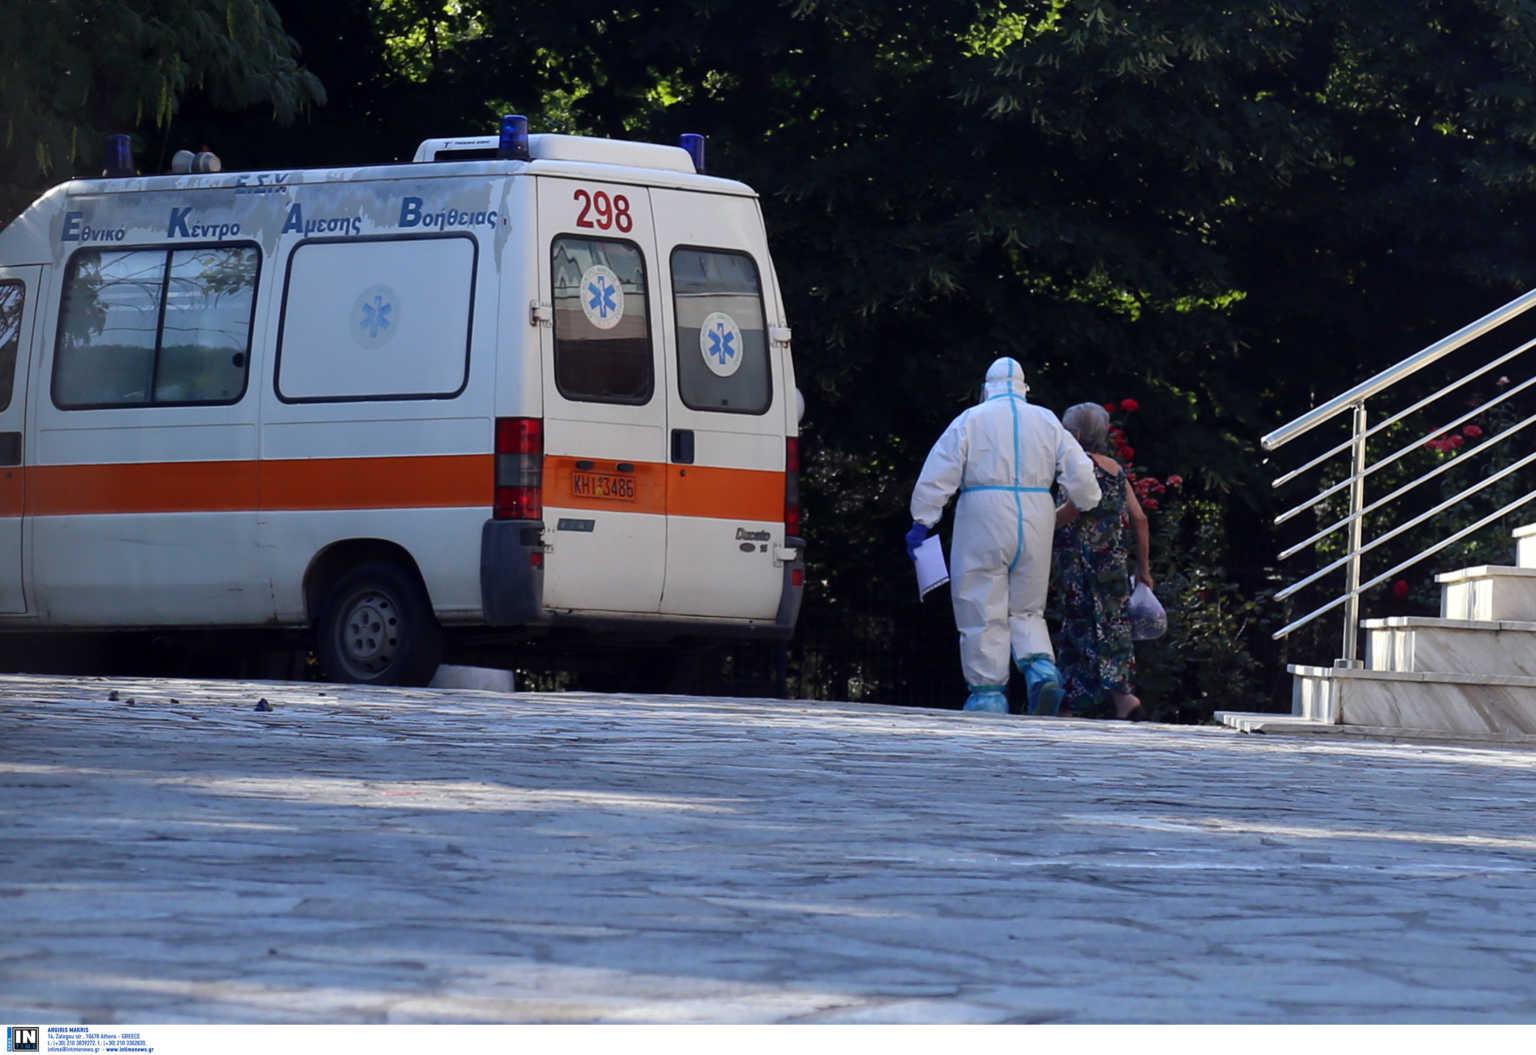 Κορονοϊός: Και δεύτερη νεκρή από το γηροκομείο στο Ασβεστοχώρι – 220 συνολικά οι θάνατοι στην Ελλάδα